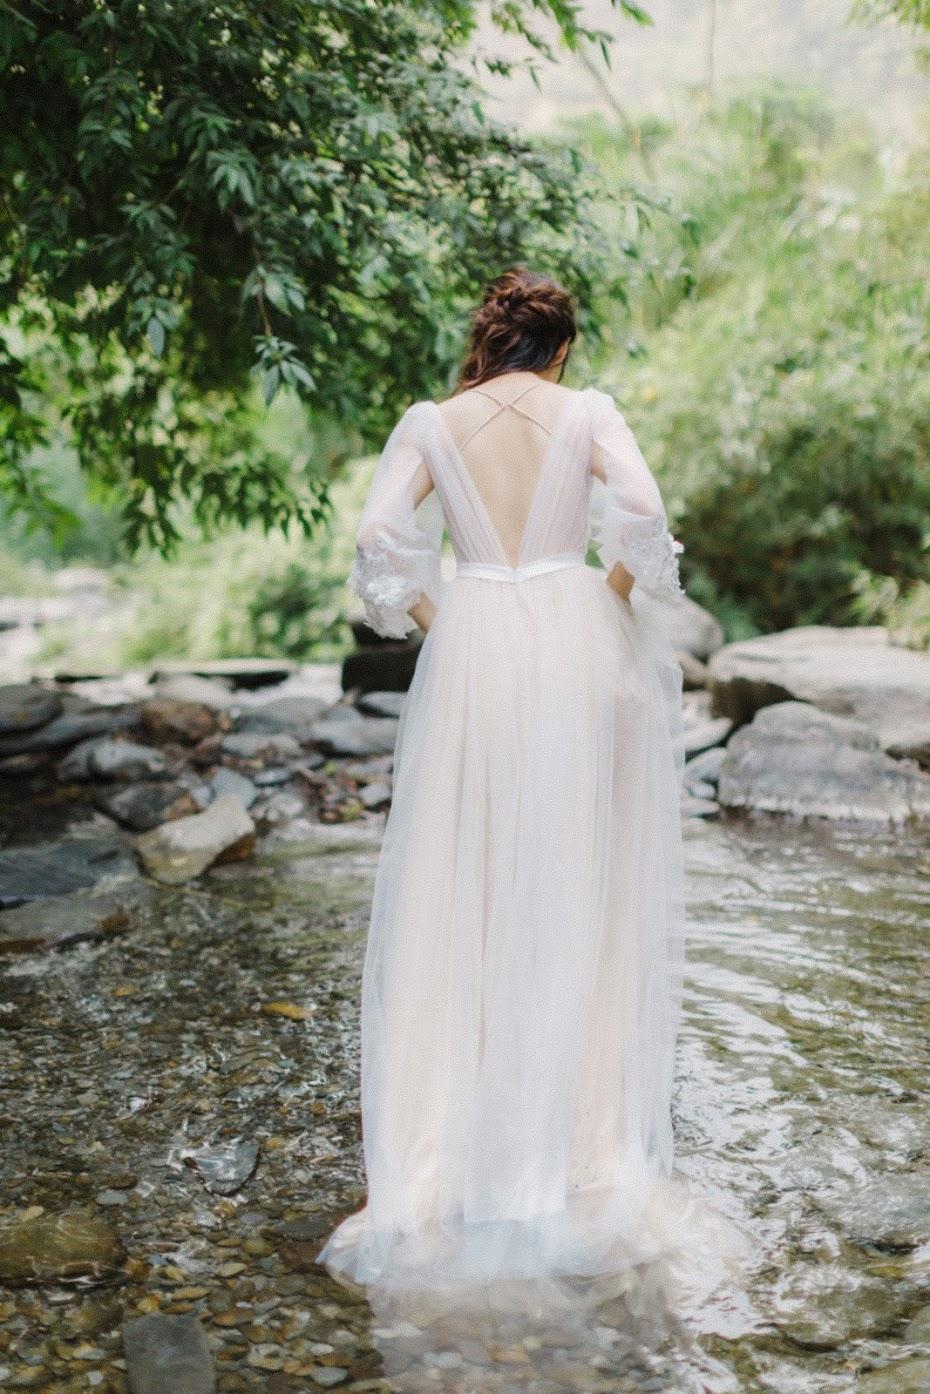 美式婚紗創作河畔篇 | INSPIRATION | Chill美式逐光婚紗 美式婚紗創作河畔篇 / 油畫 河邊 婚紗 / 美式婚紗婚禮 / Chill , 今年秋天,我們前往南投的小溪流 ,拍攝了這組 Chill 油畫感 創作 ,Ann挽起頭髮,拿著水平在溪邊舀水,好似一幅美麗的油畫-頭頂水果籃的少女。這是一次非常深刻的 靈感 人物 創作 拍攝經驗,到了拍攝尾聲,陽光微微露臉,我們也順利拍攝AG專屬的 逐光 美式 婚紗。